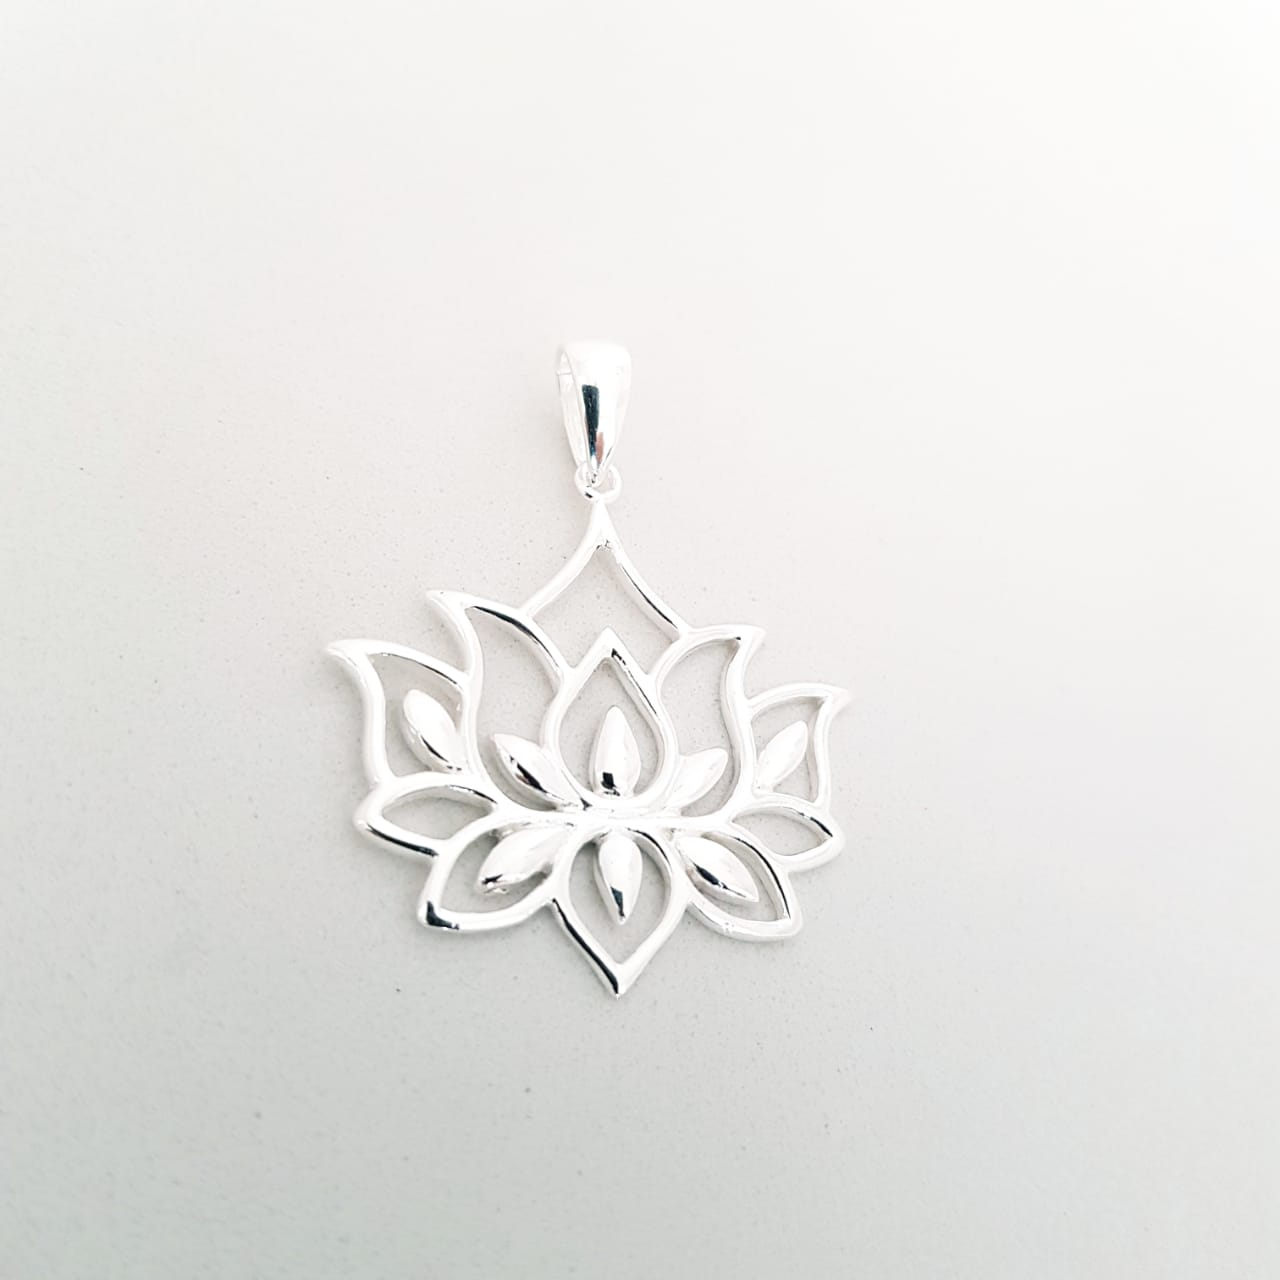 Pingente de Prata Flor de Lótus Vazado